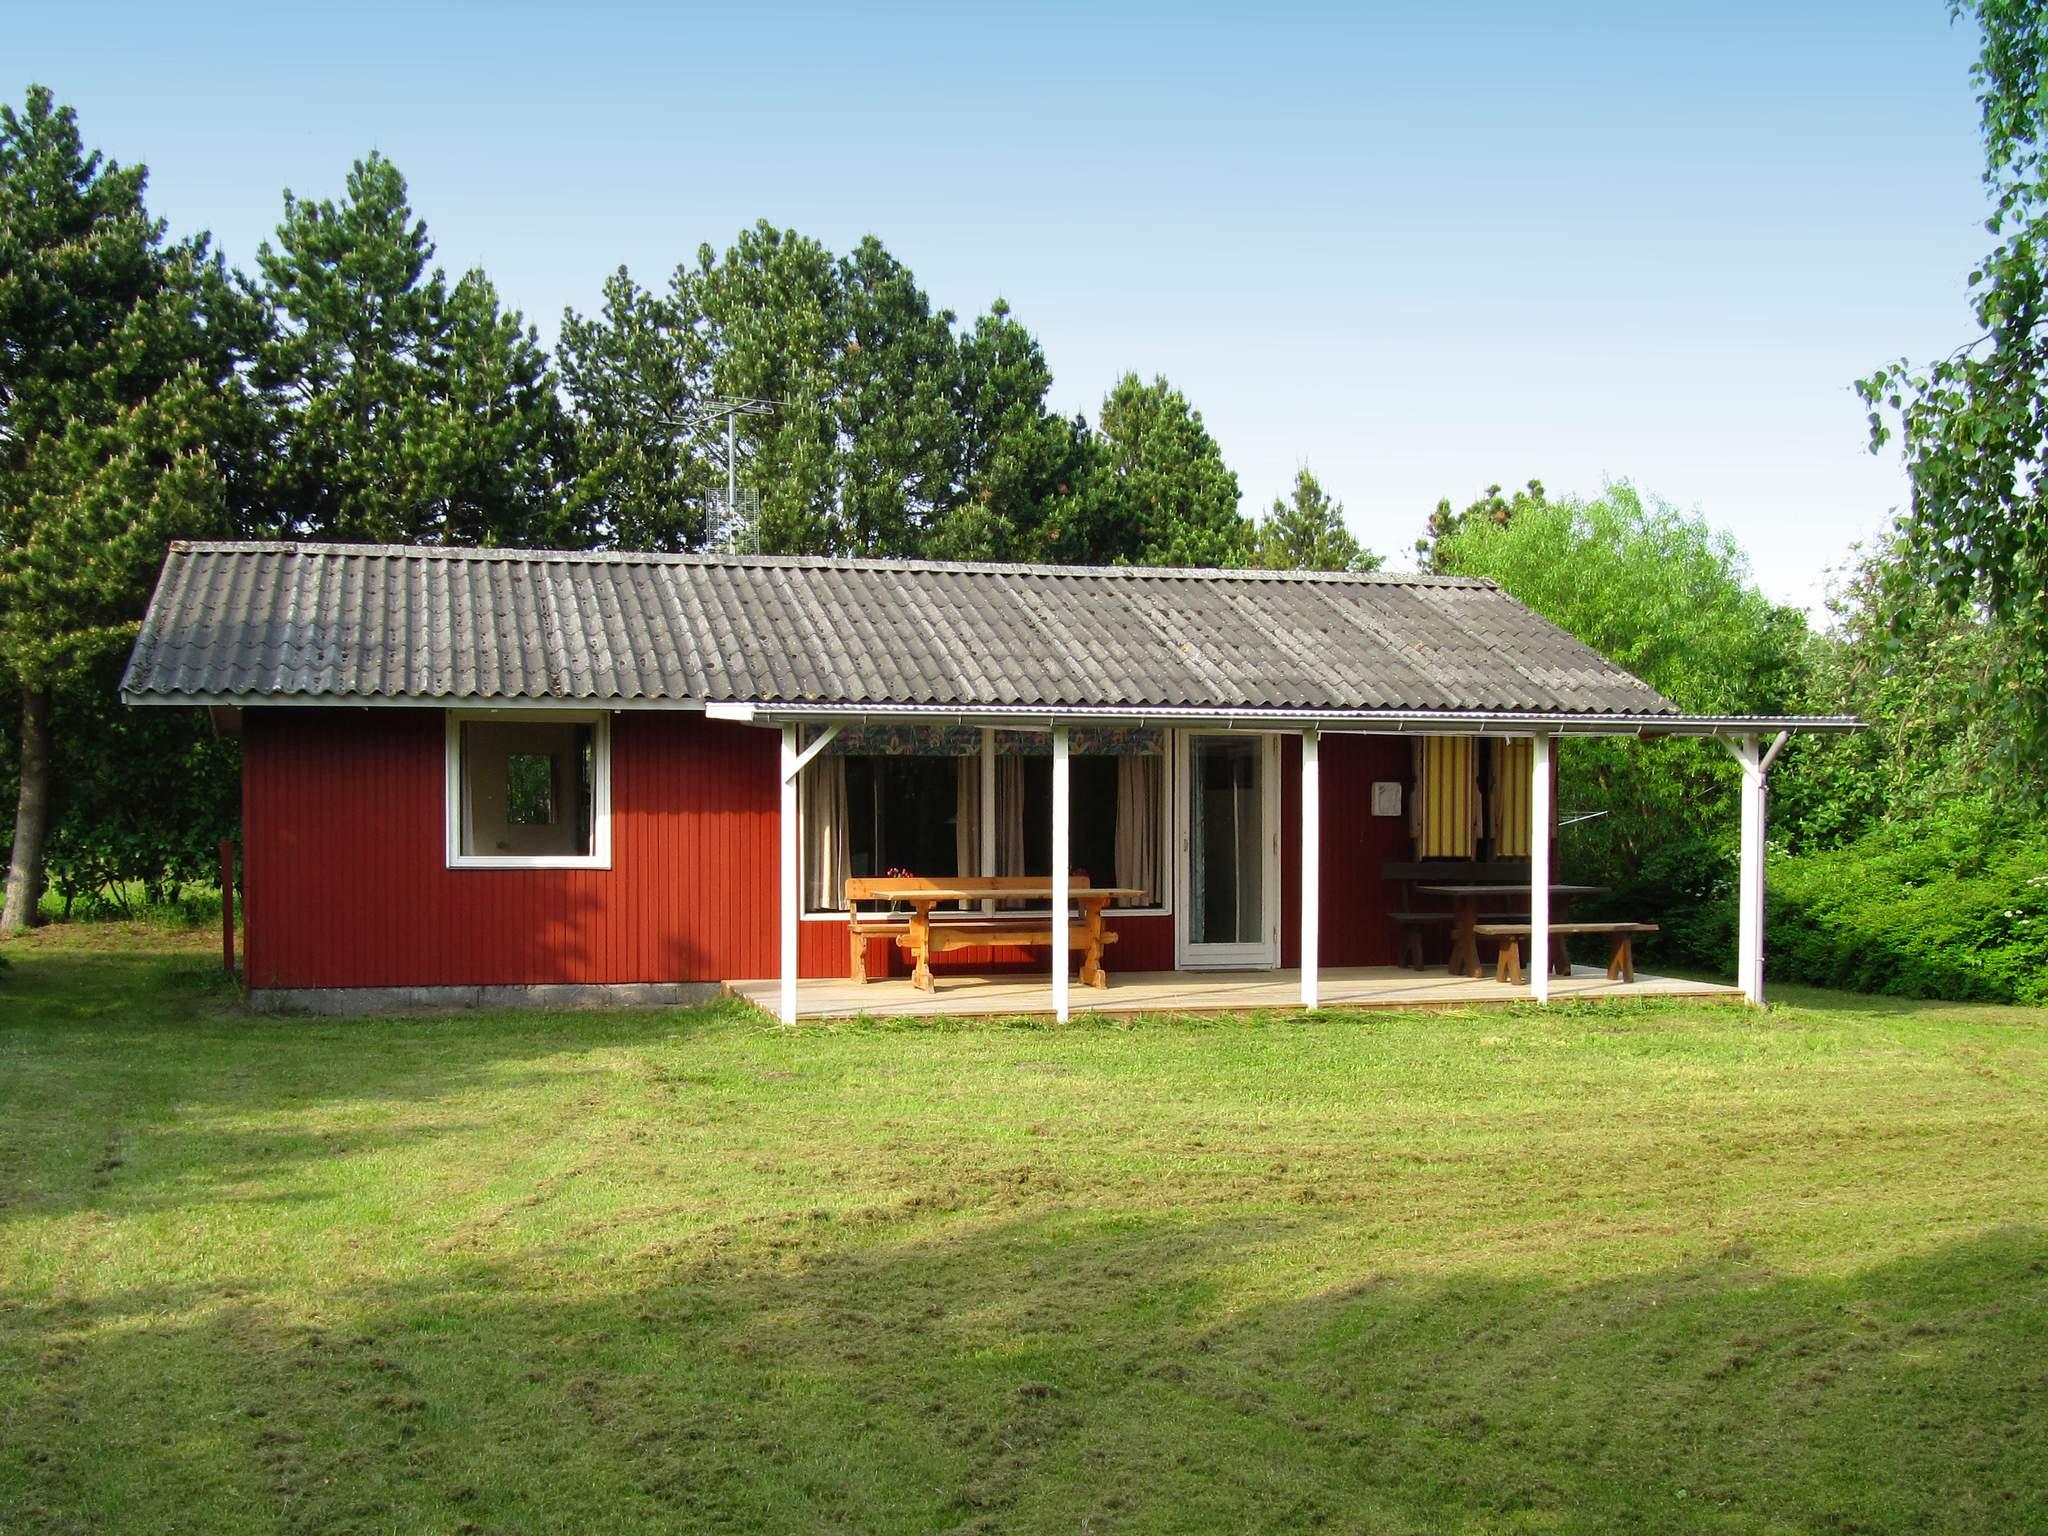 Ferienhaus Kramnitze (87282), Kramnitse, , Lolland, Dänemark, Bild 9